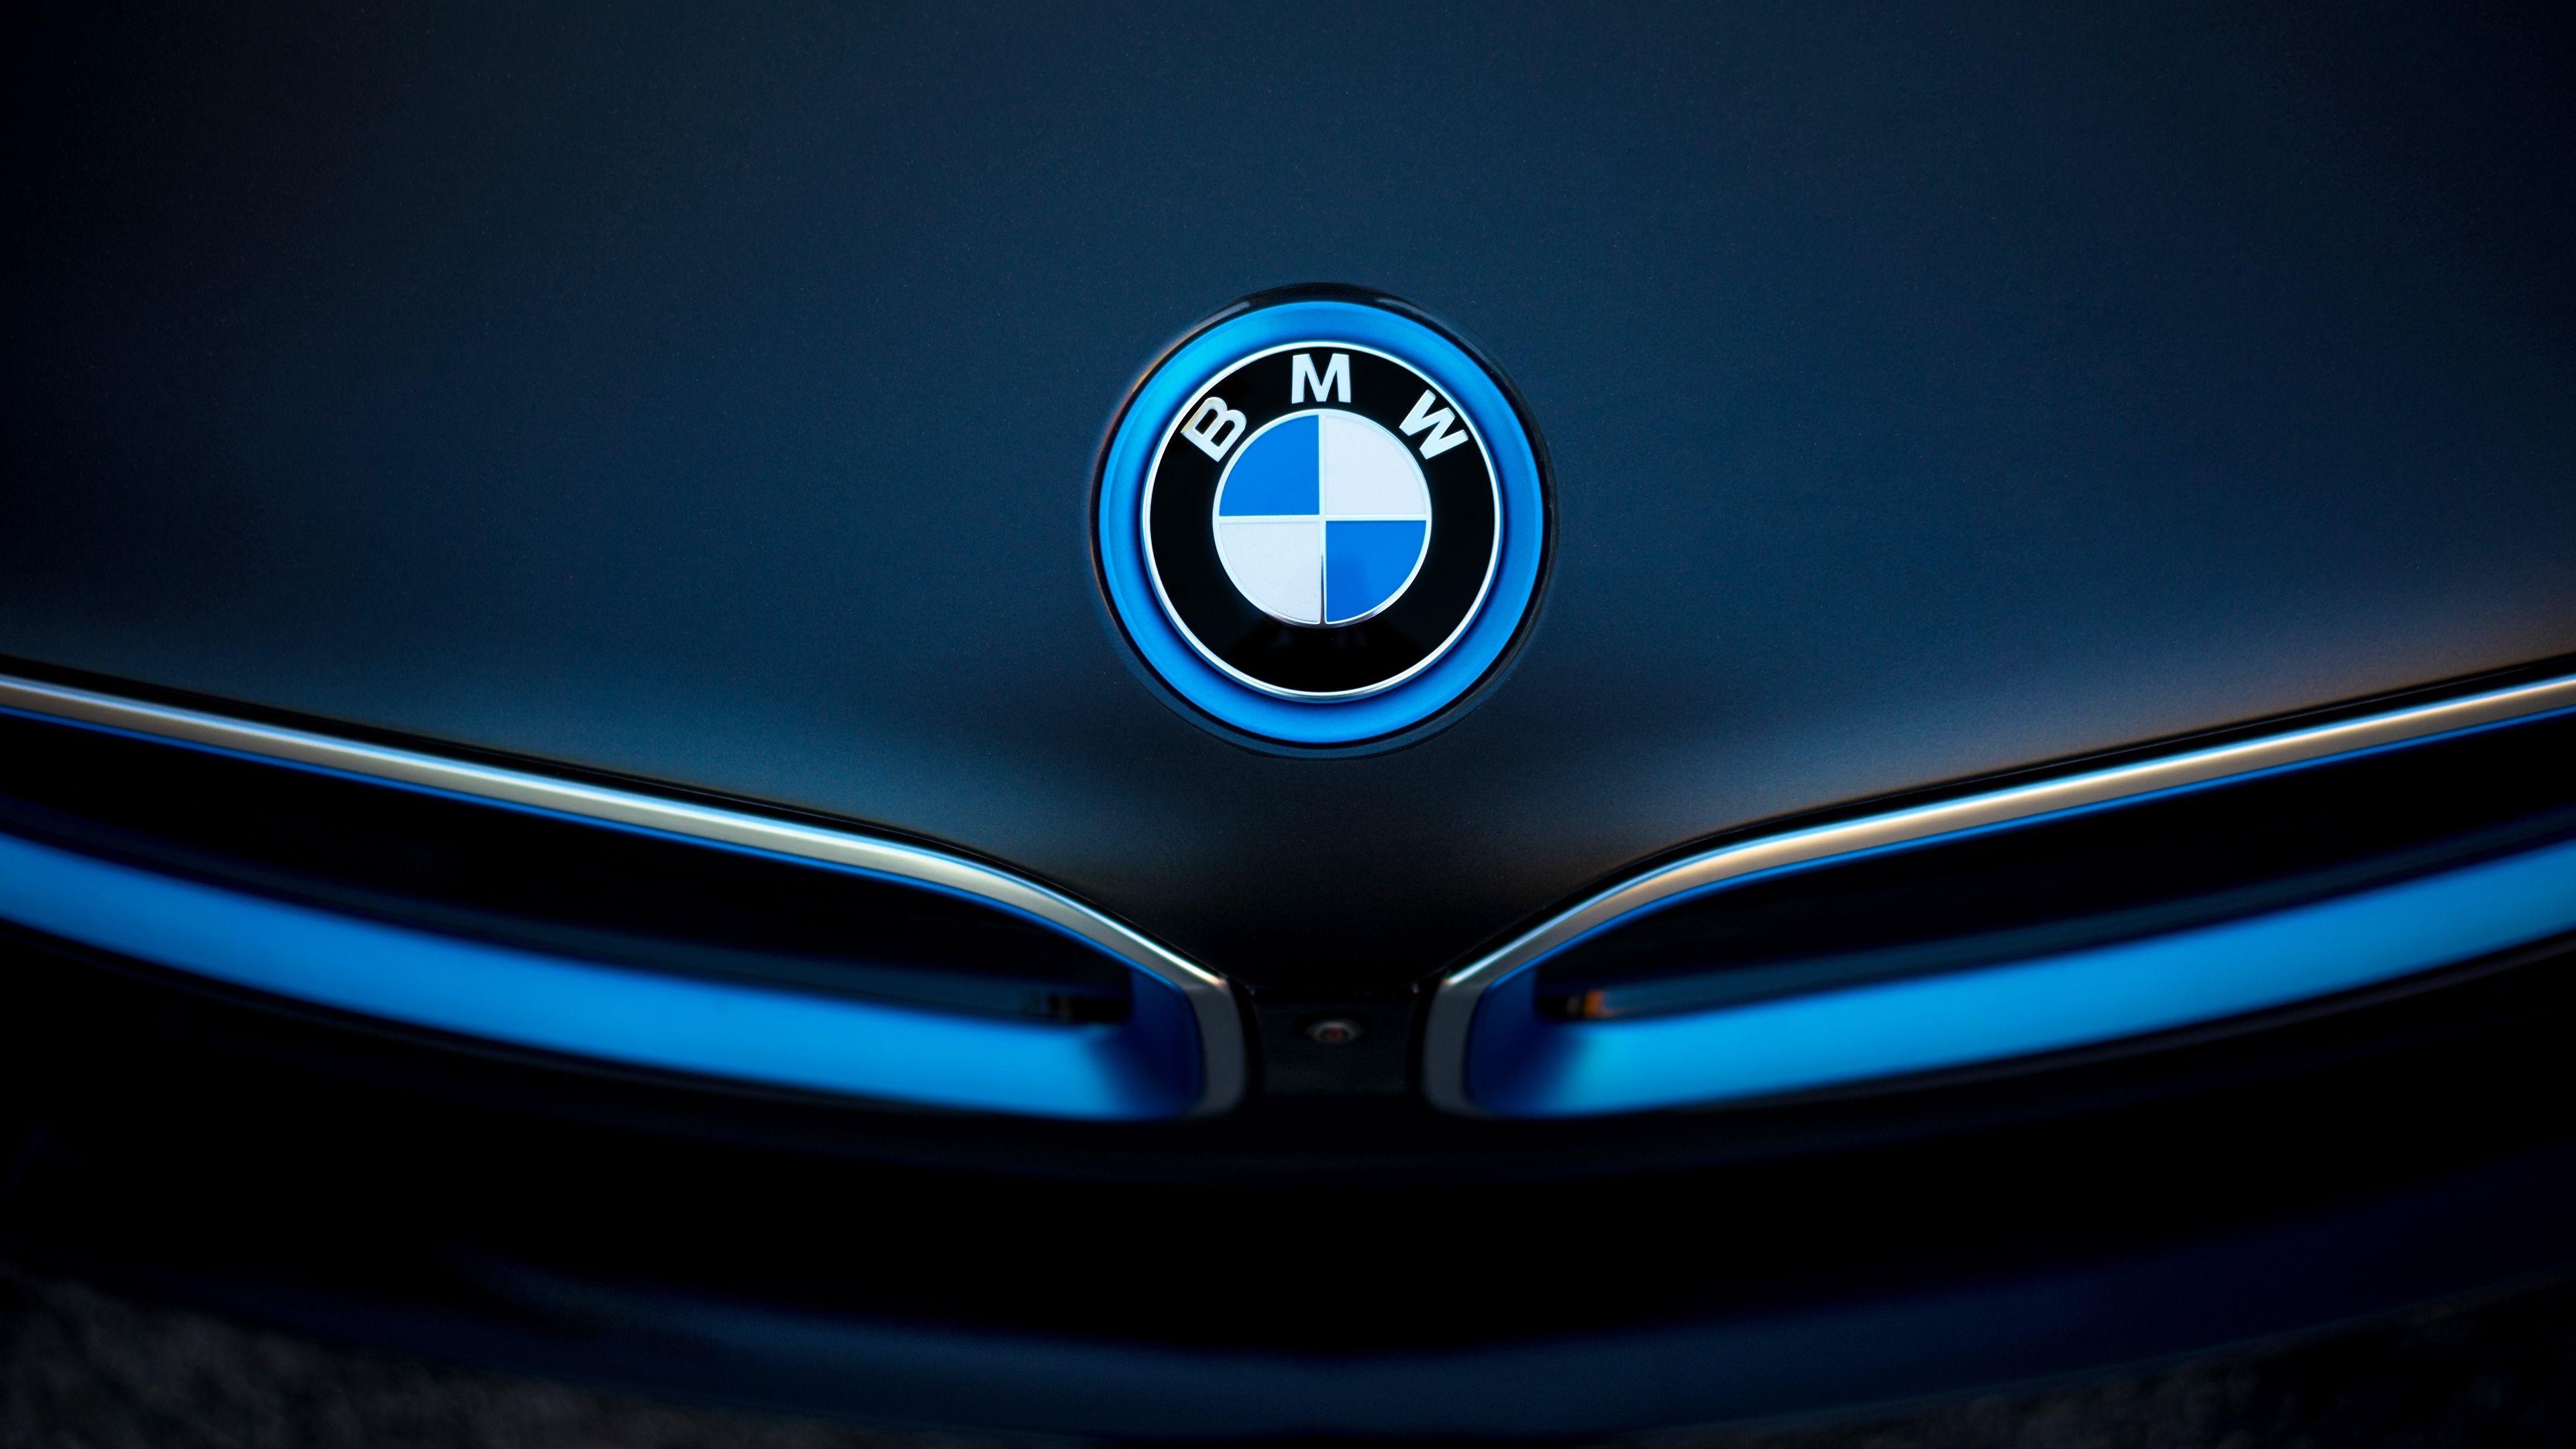 BMW HD Logo Wallpaper